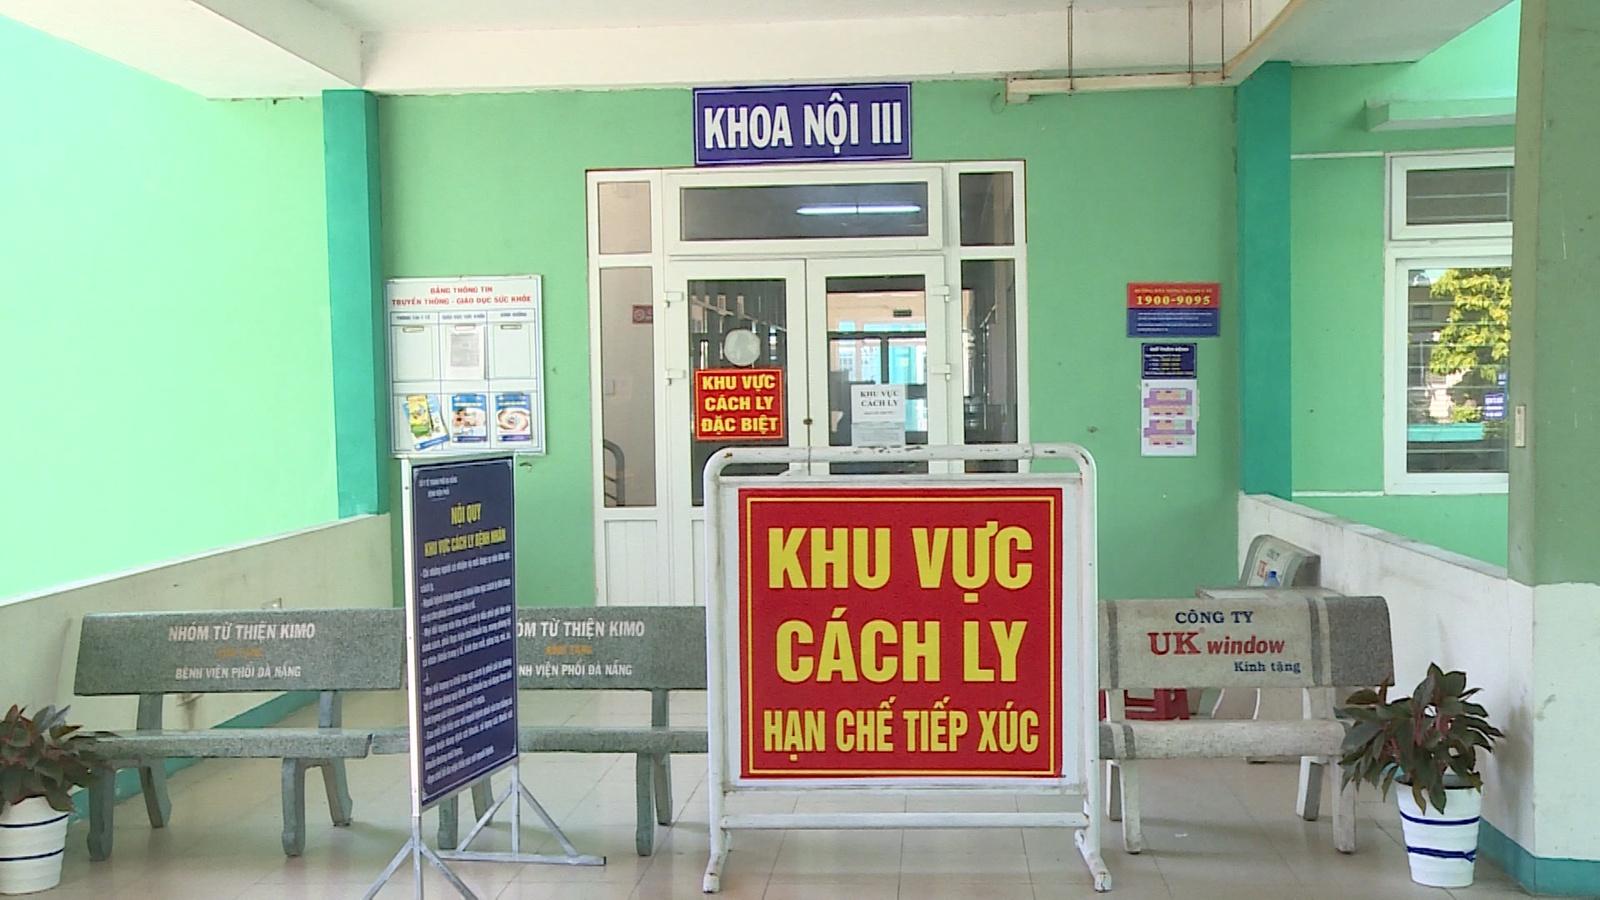 Khu cách ly Bệnh viện Đà Nẵng. (Ảnh qua Zing)